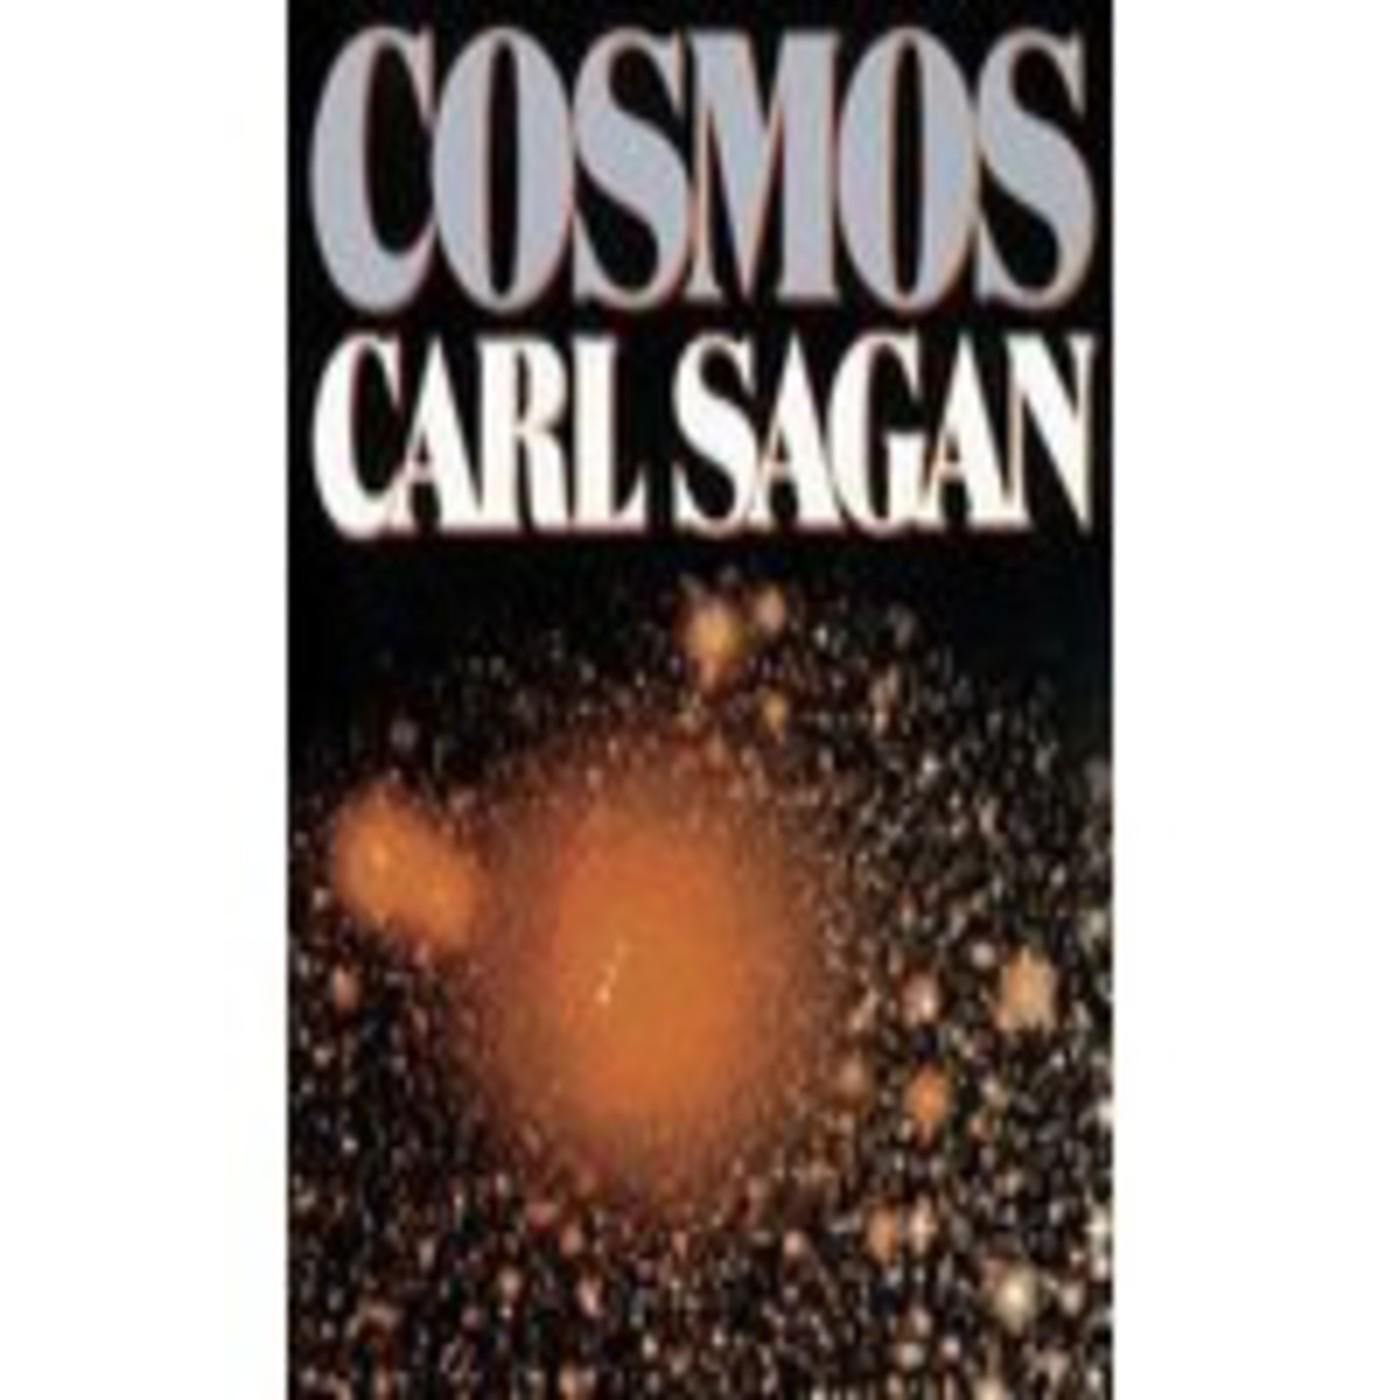 COSMOS (Carl Sagan) - La armonía de los mundos